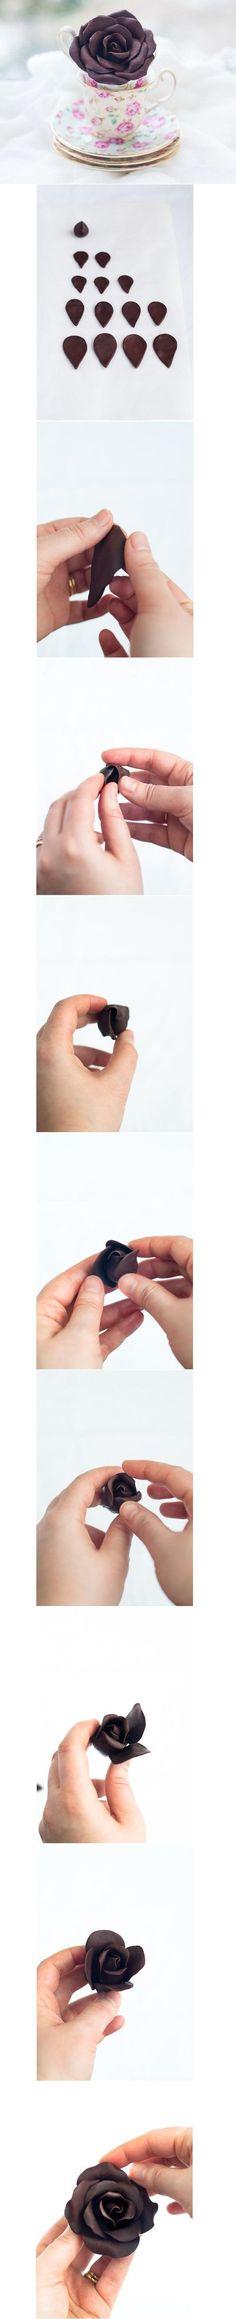 DIY Pretty Polymer Clay Rose DIY Projects / UsefulDIY.com